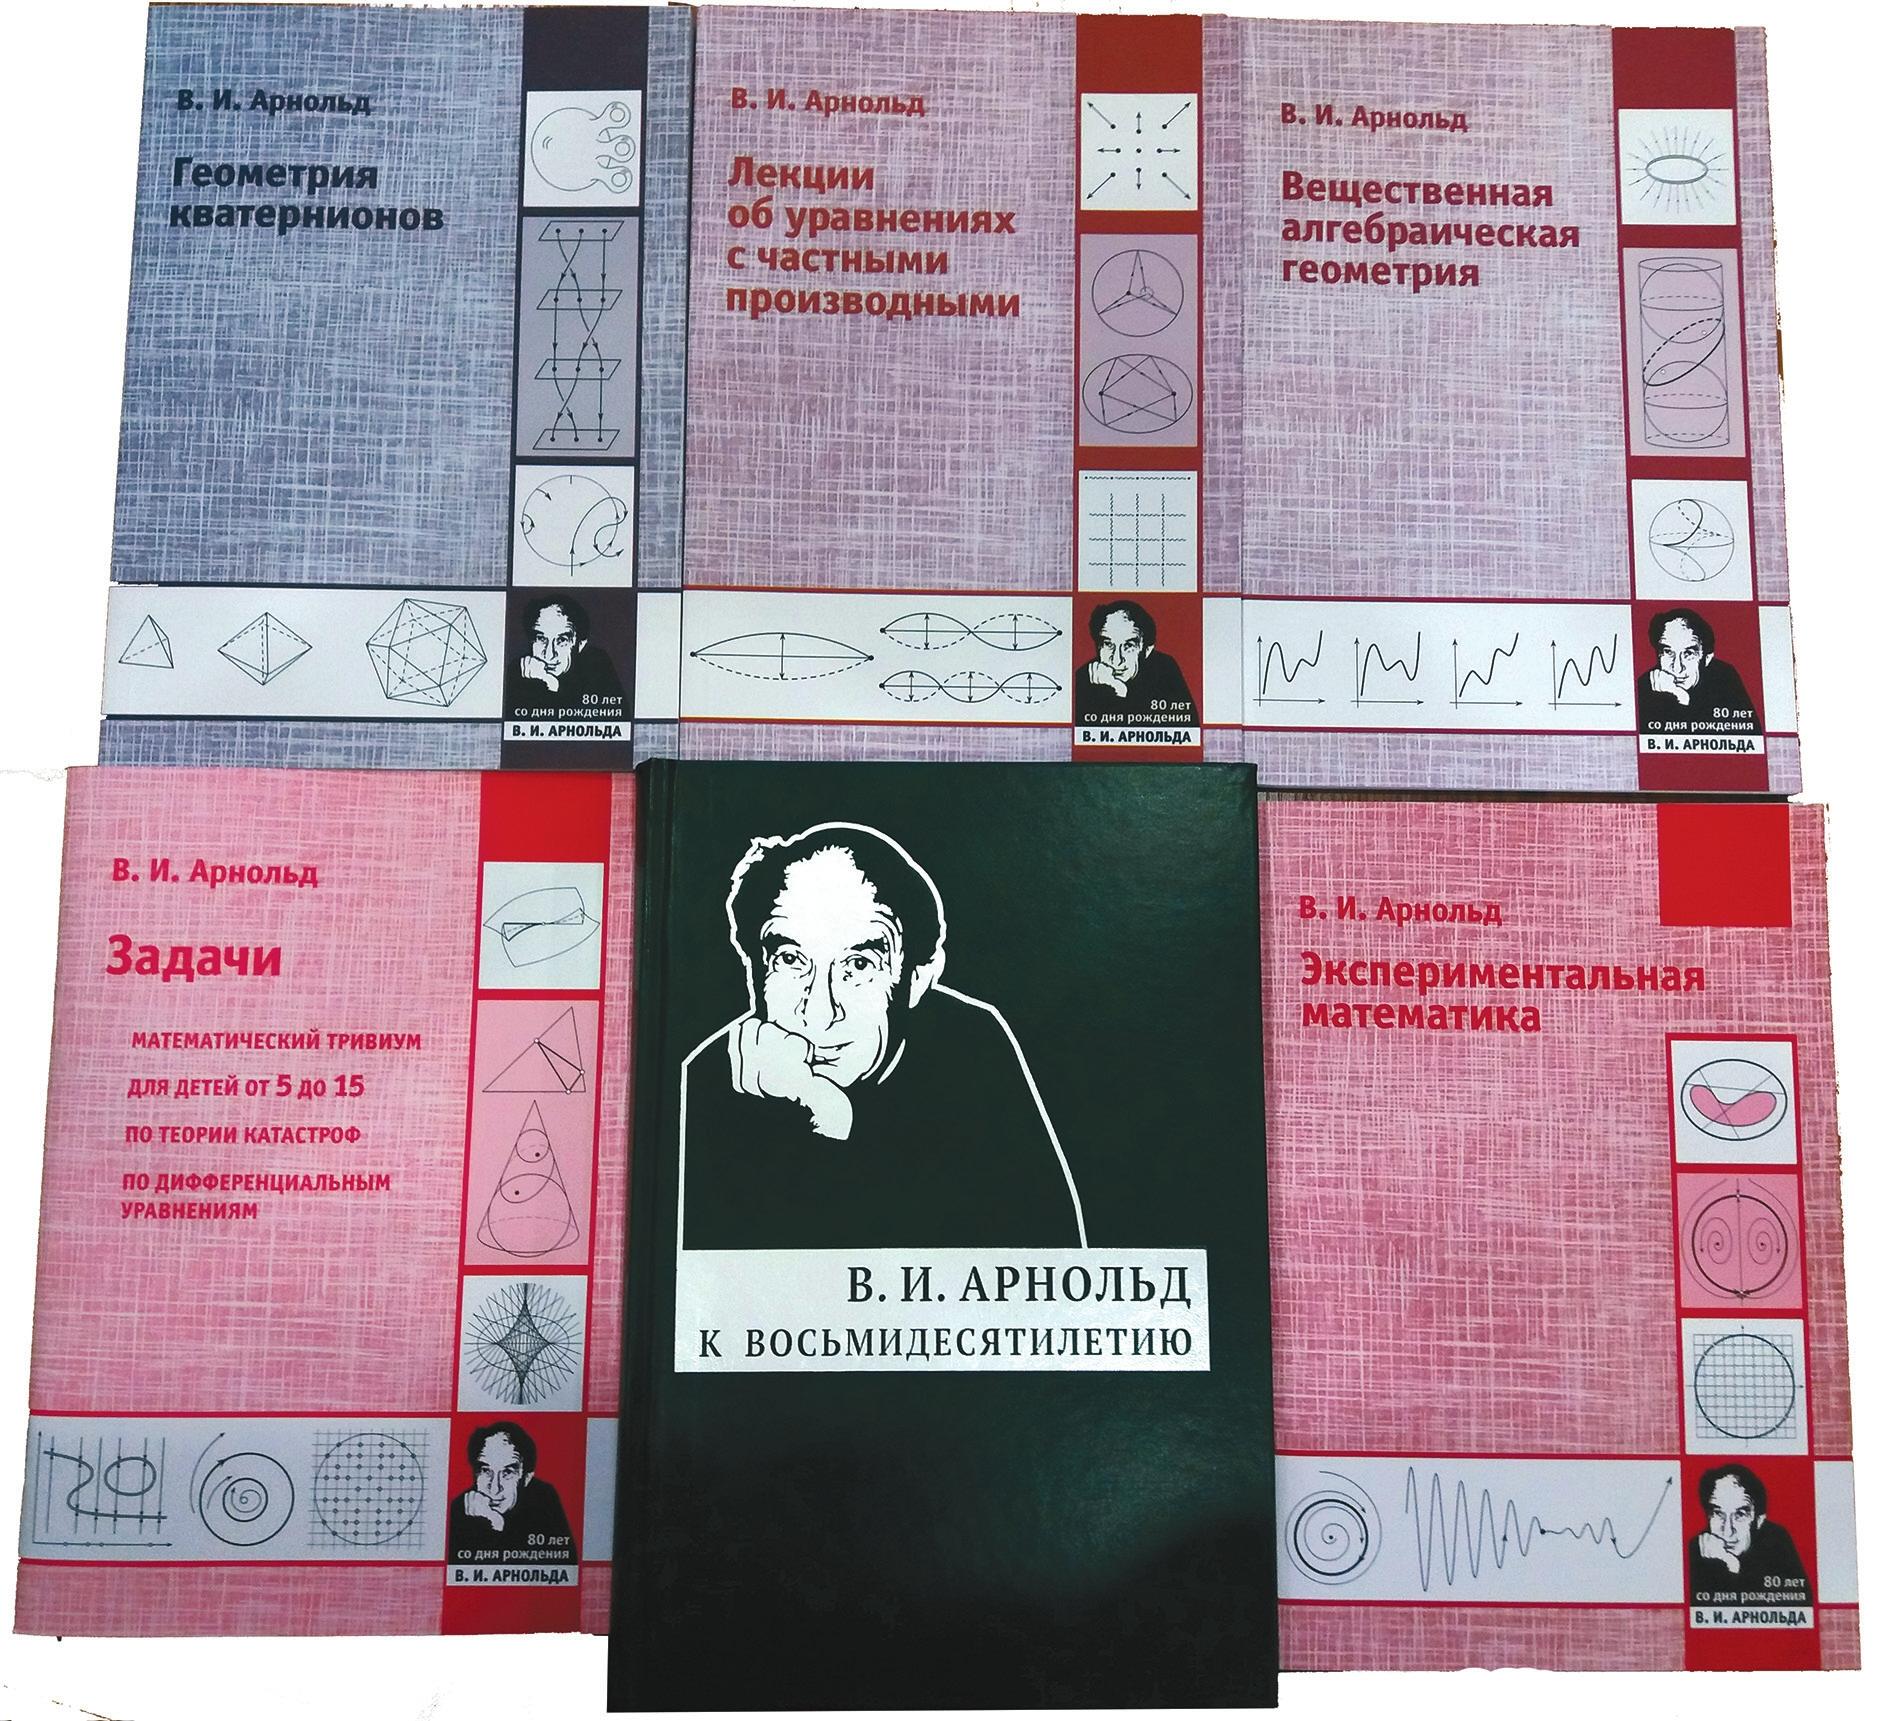 Книги, выпущенные изд-вом МЦНМО к 80-летию В. И. Арнольда